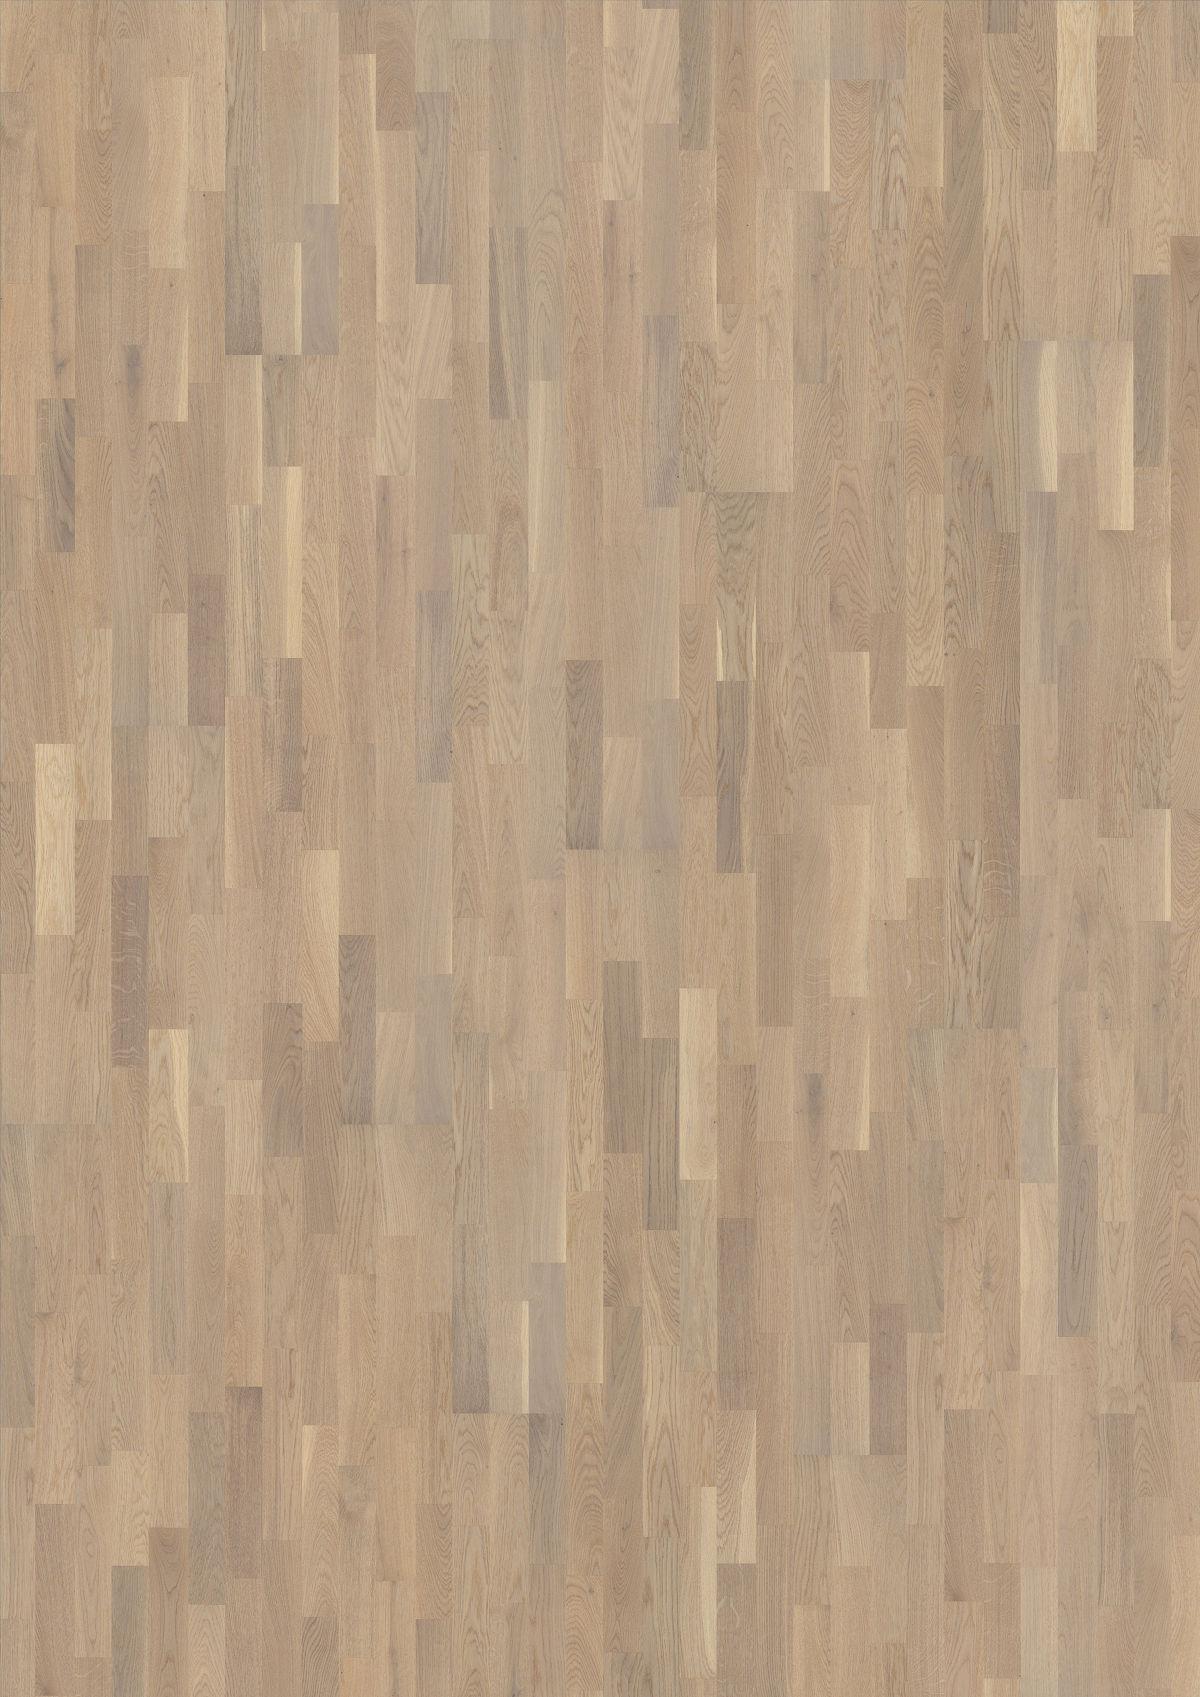 kahrs oak abetone engineered wood flooring. Black Bedroom Furniture Sets. Home Design Ideas